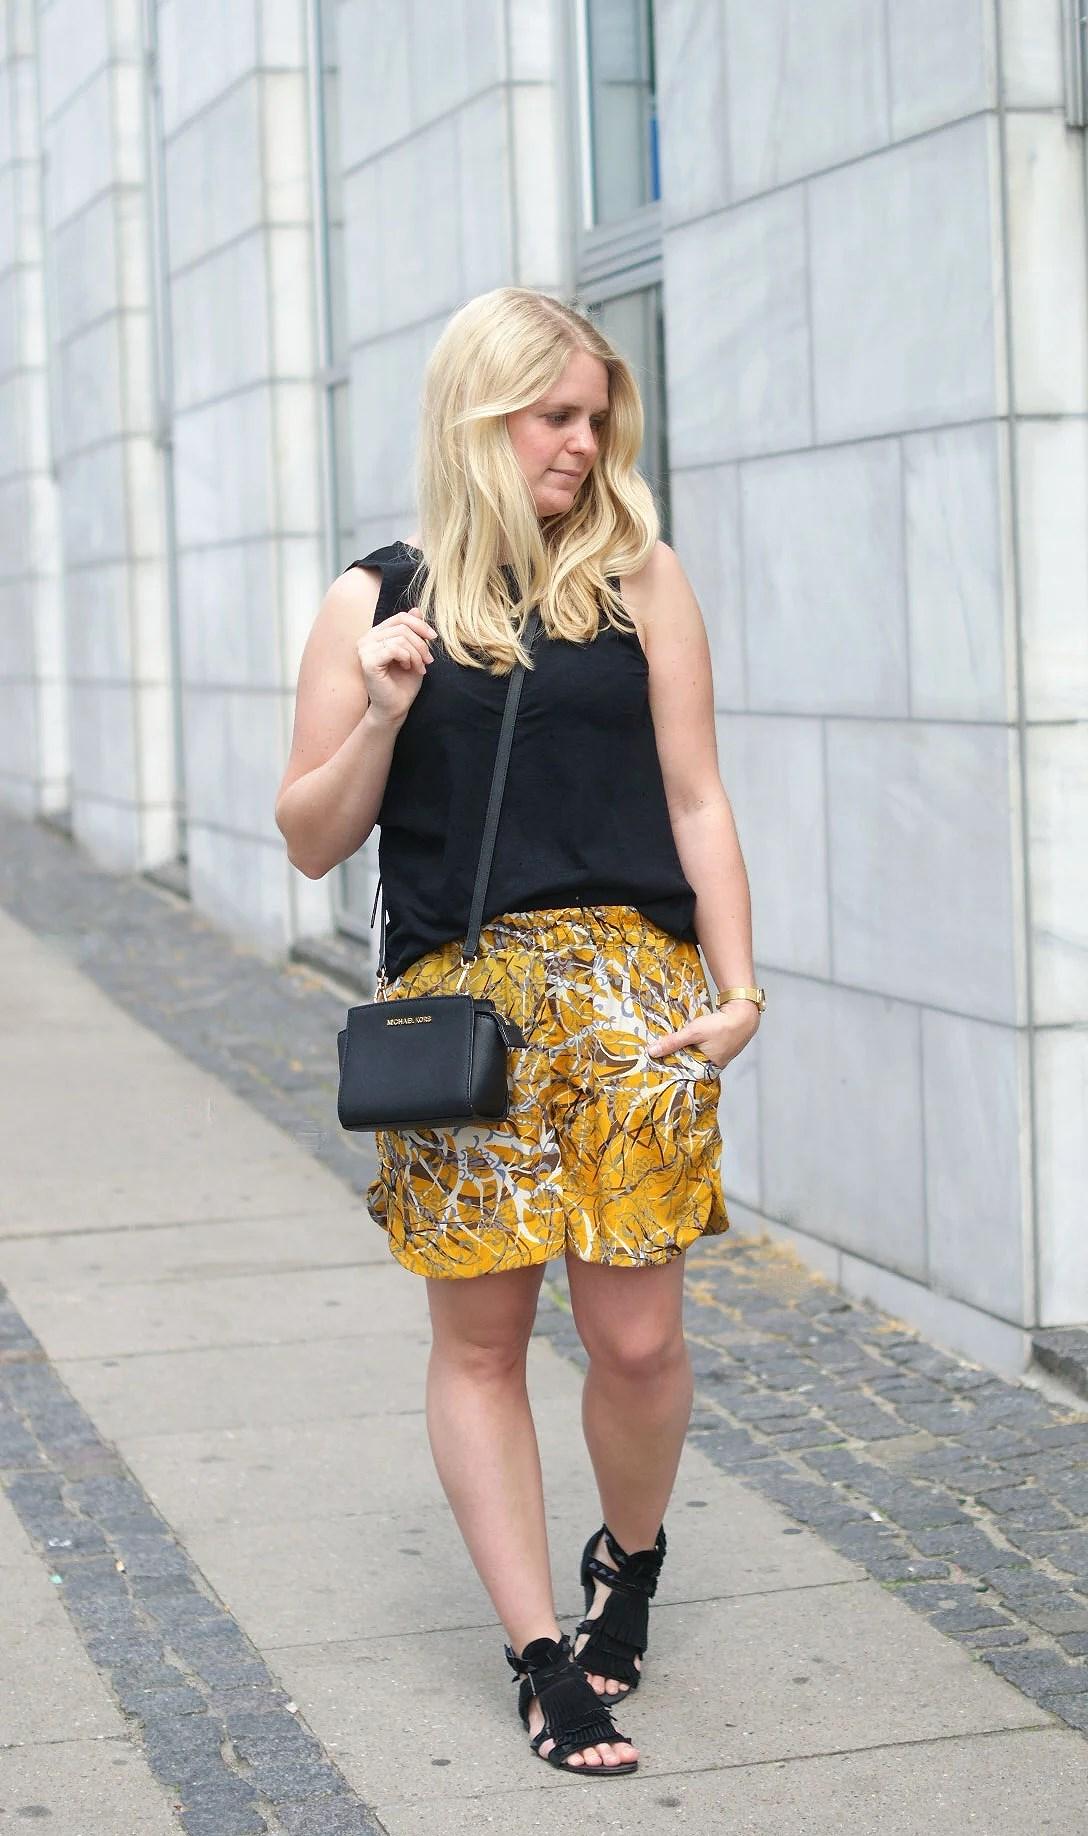 It's My Passions, Modeblogger, Modeblog, Dansk modeblog, Julie Mænnchen, Aalborg blog, Aalborg blogger, Nordjysk modeblog, Sissel Edelbo, Sissel Edeldbo mallow bluse, Sissel Edelbo tøj, Michael Kors taske. Selma taske, Michael Kors